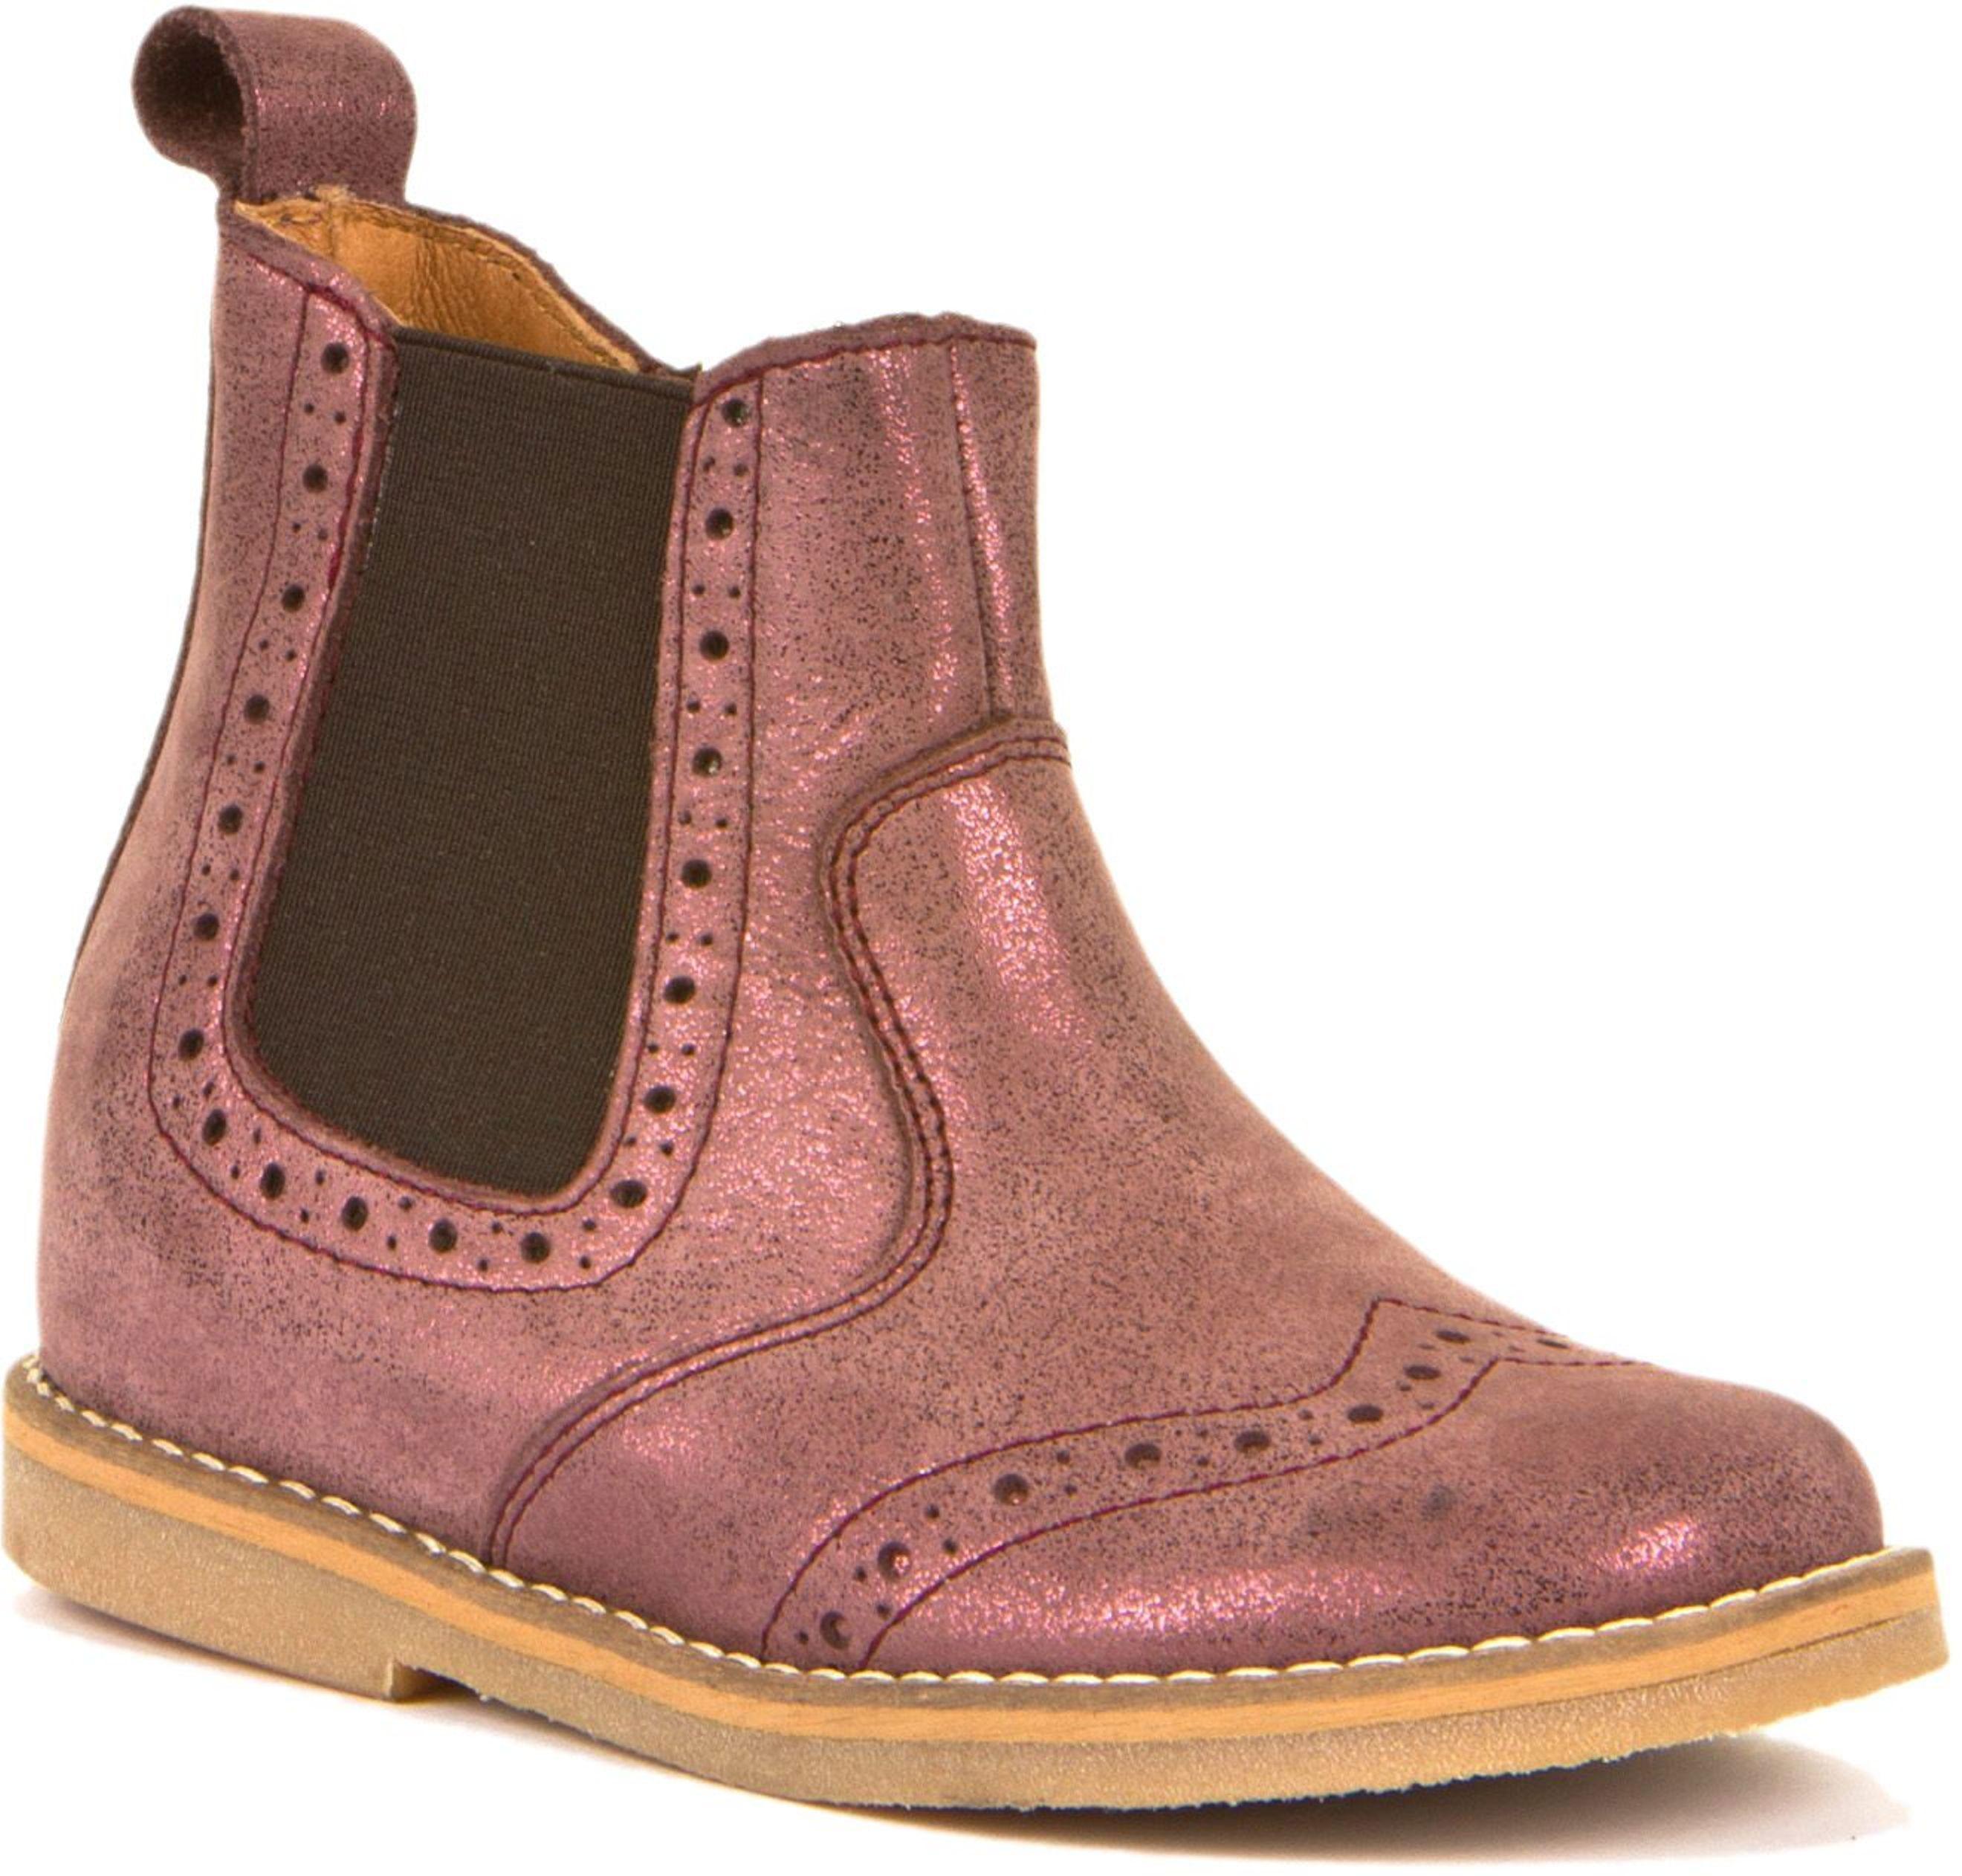 Froddo Chelsea Boots Brogue Pink+